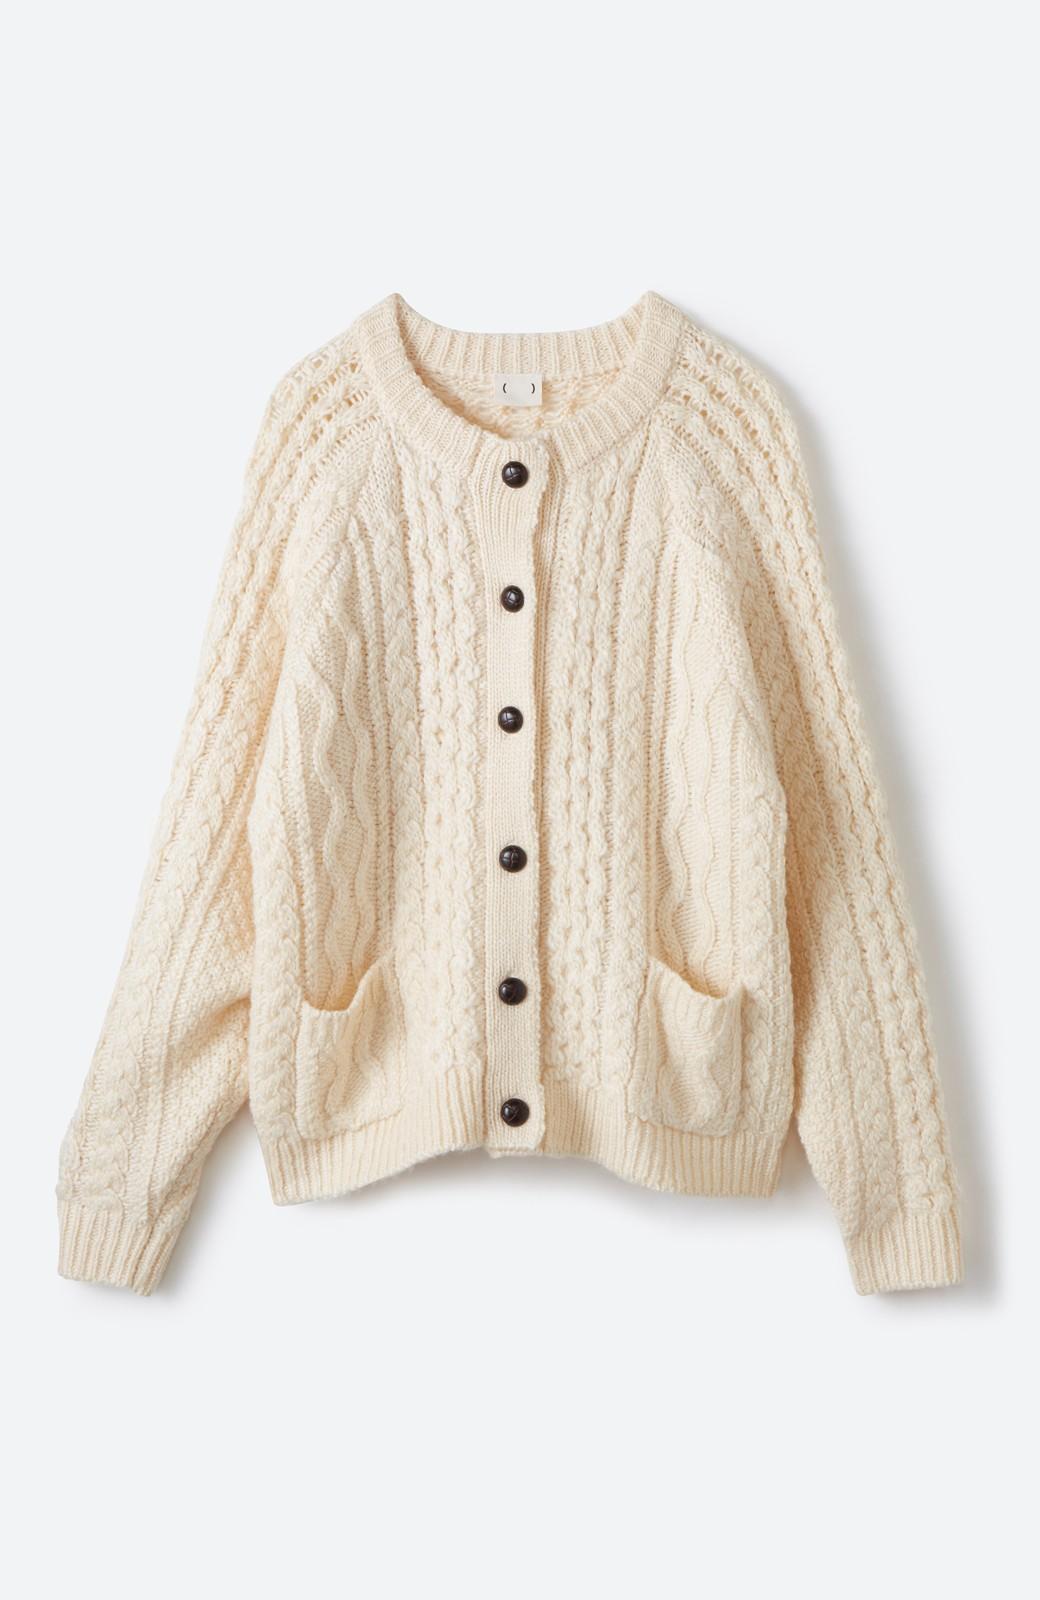 haco! 古着屋さんで見つけたようなもっふりケーブル編みカーディガン <オフホワイト>の商品写真1